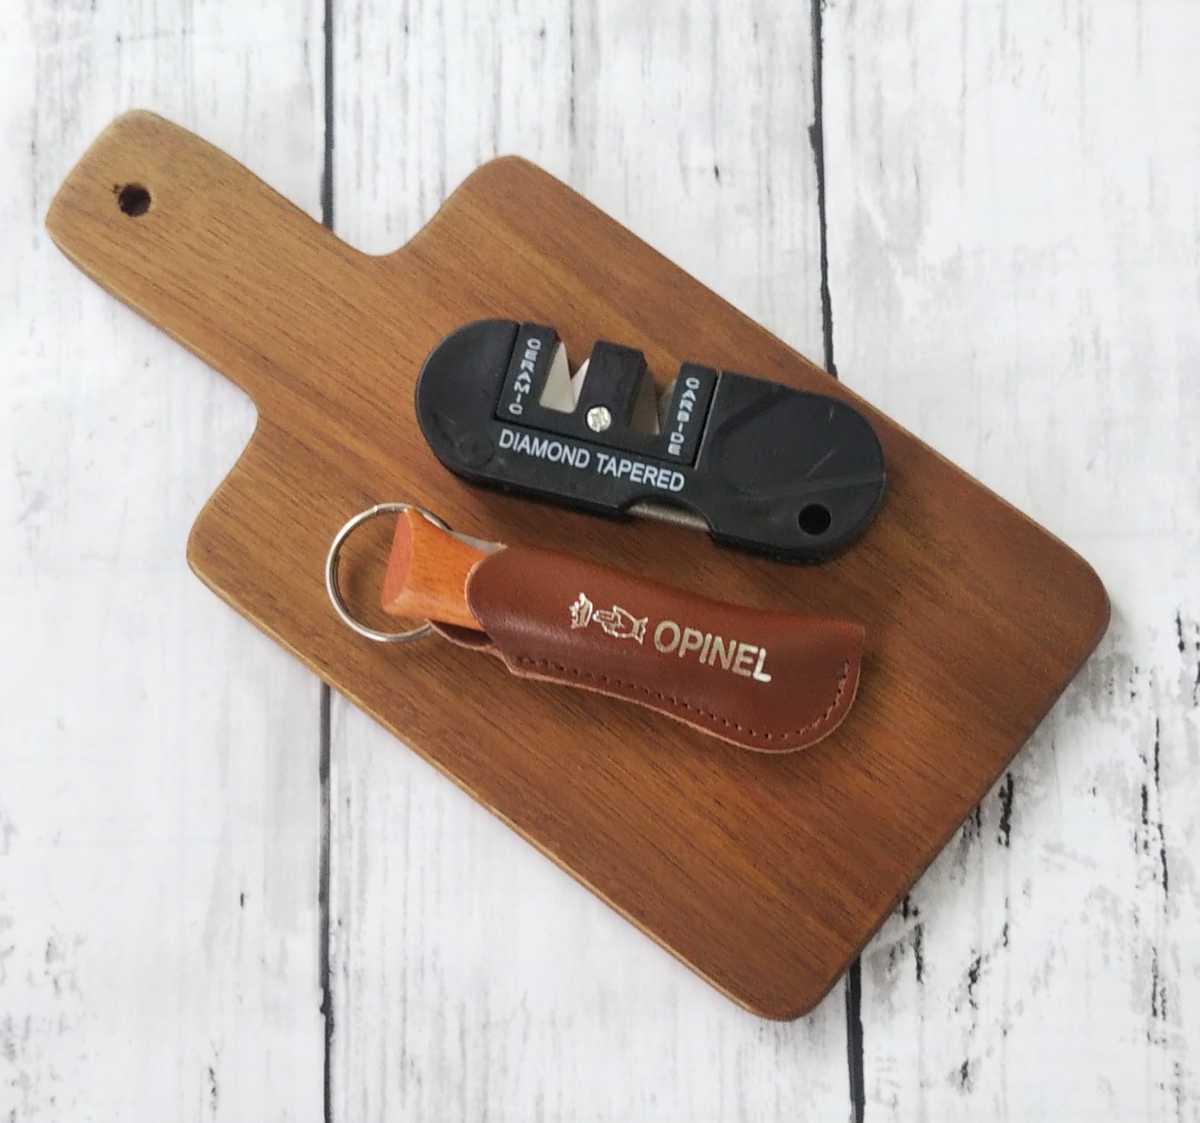 オピネルステンレスナイフNo4茶革ケース付、コンパクトナイフシャープナー、サービングボードセット